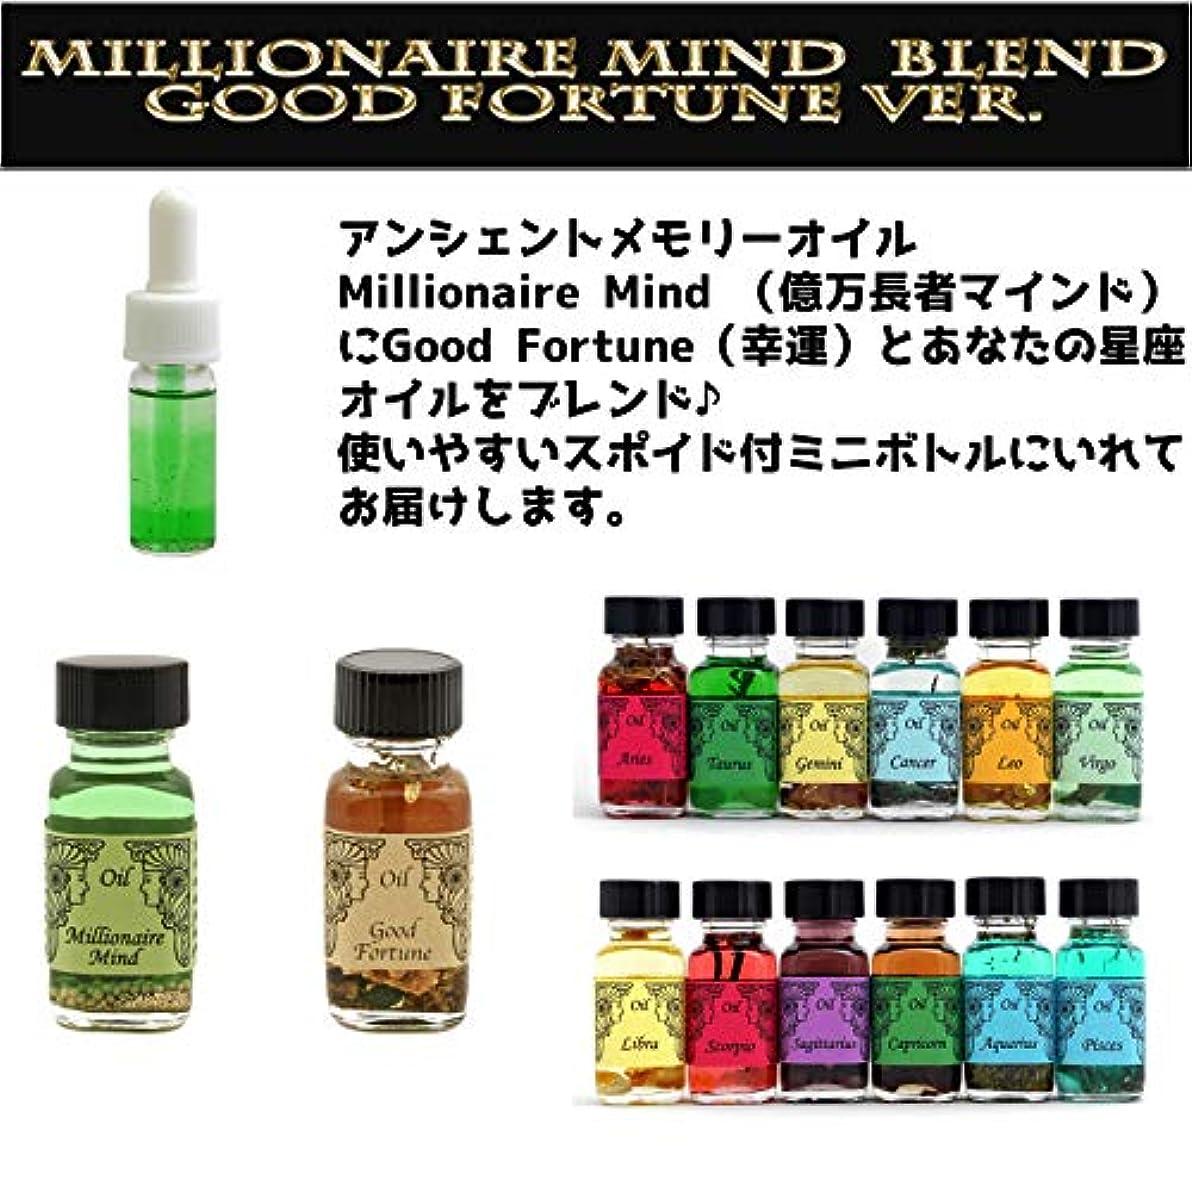 議題予定週間アンシェントメモリーオイル Millionaire Mind 億万長者マインド ブレンド【Good Fortune グッドフォーチュン 幸運&ふたご座】